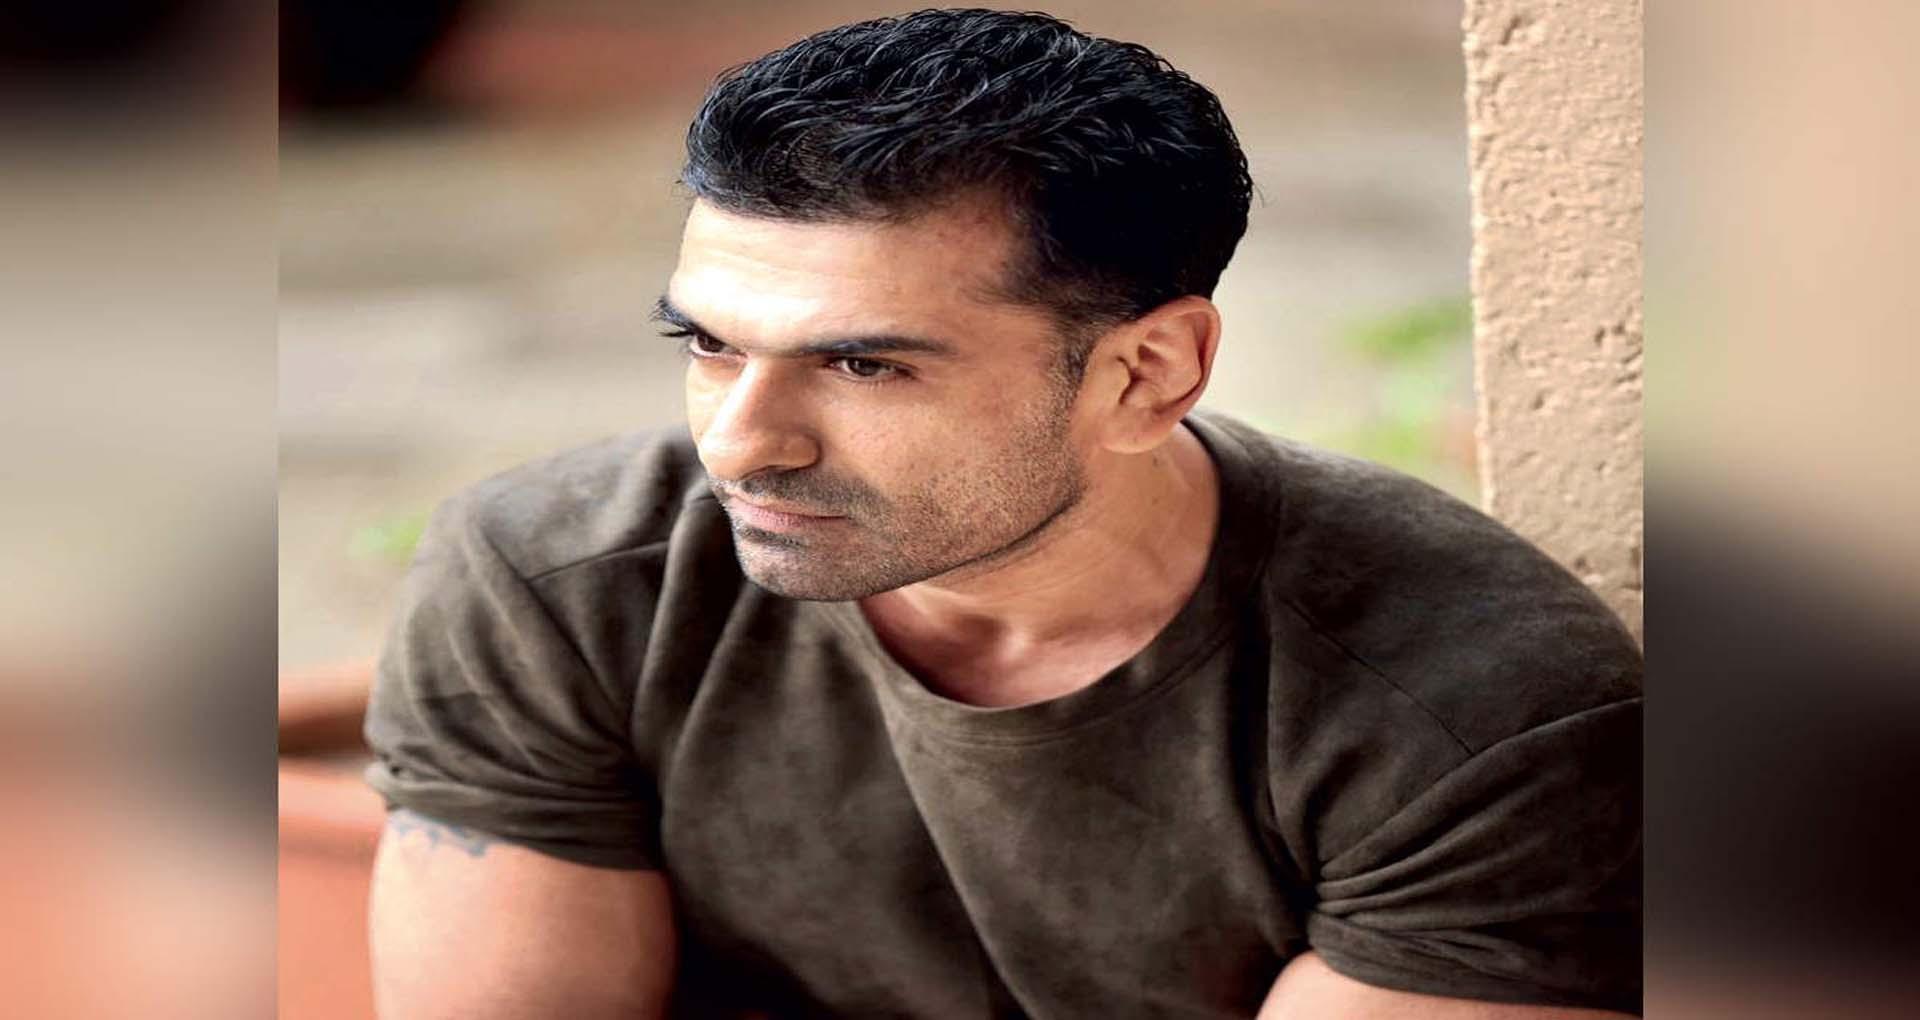 Bigg Boss 14: एजाज खान को मिली घर की कमान, रेड जोन में पहुंचीं कविता कौशिक